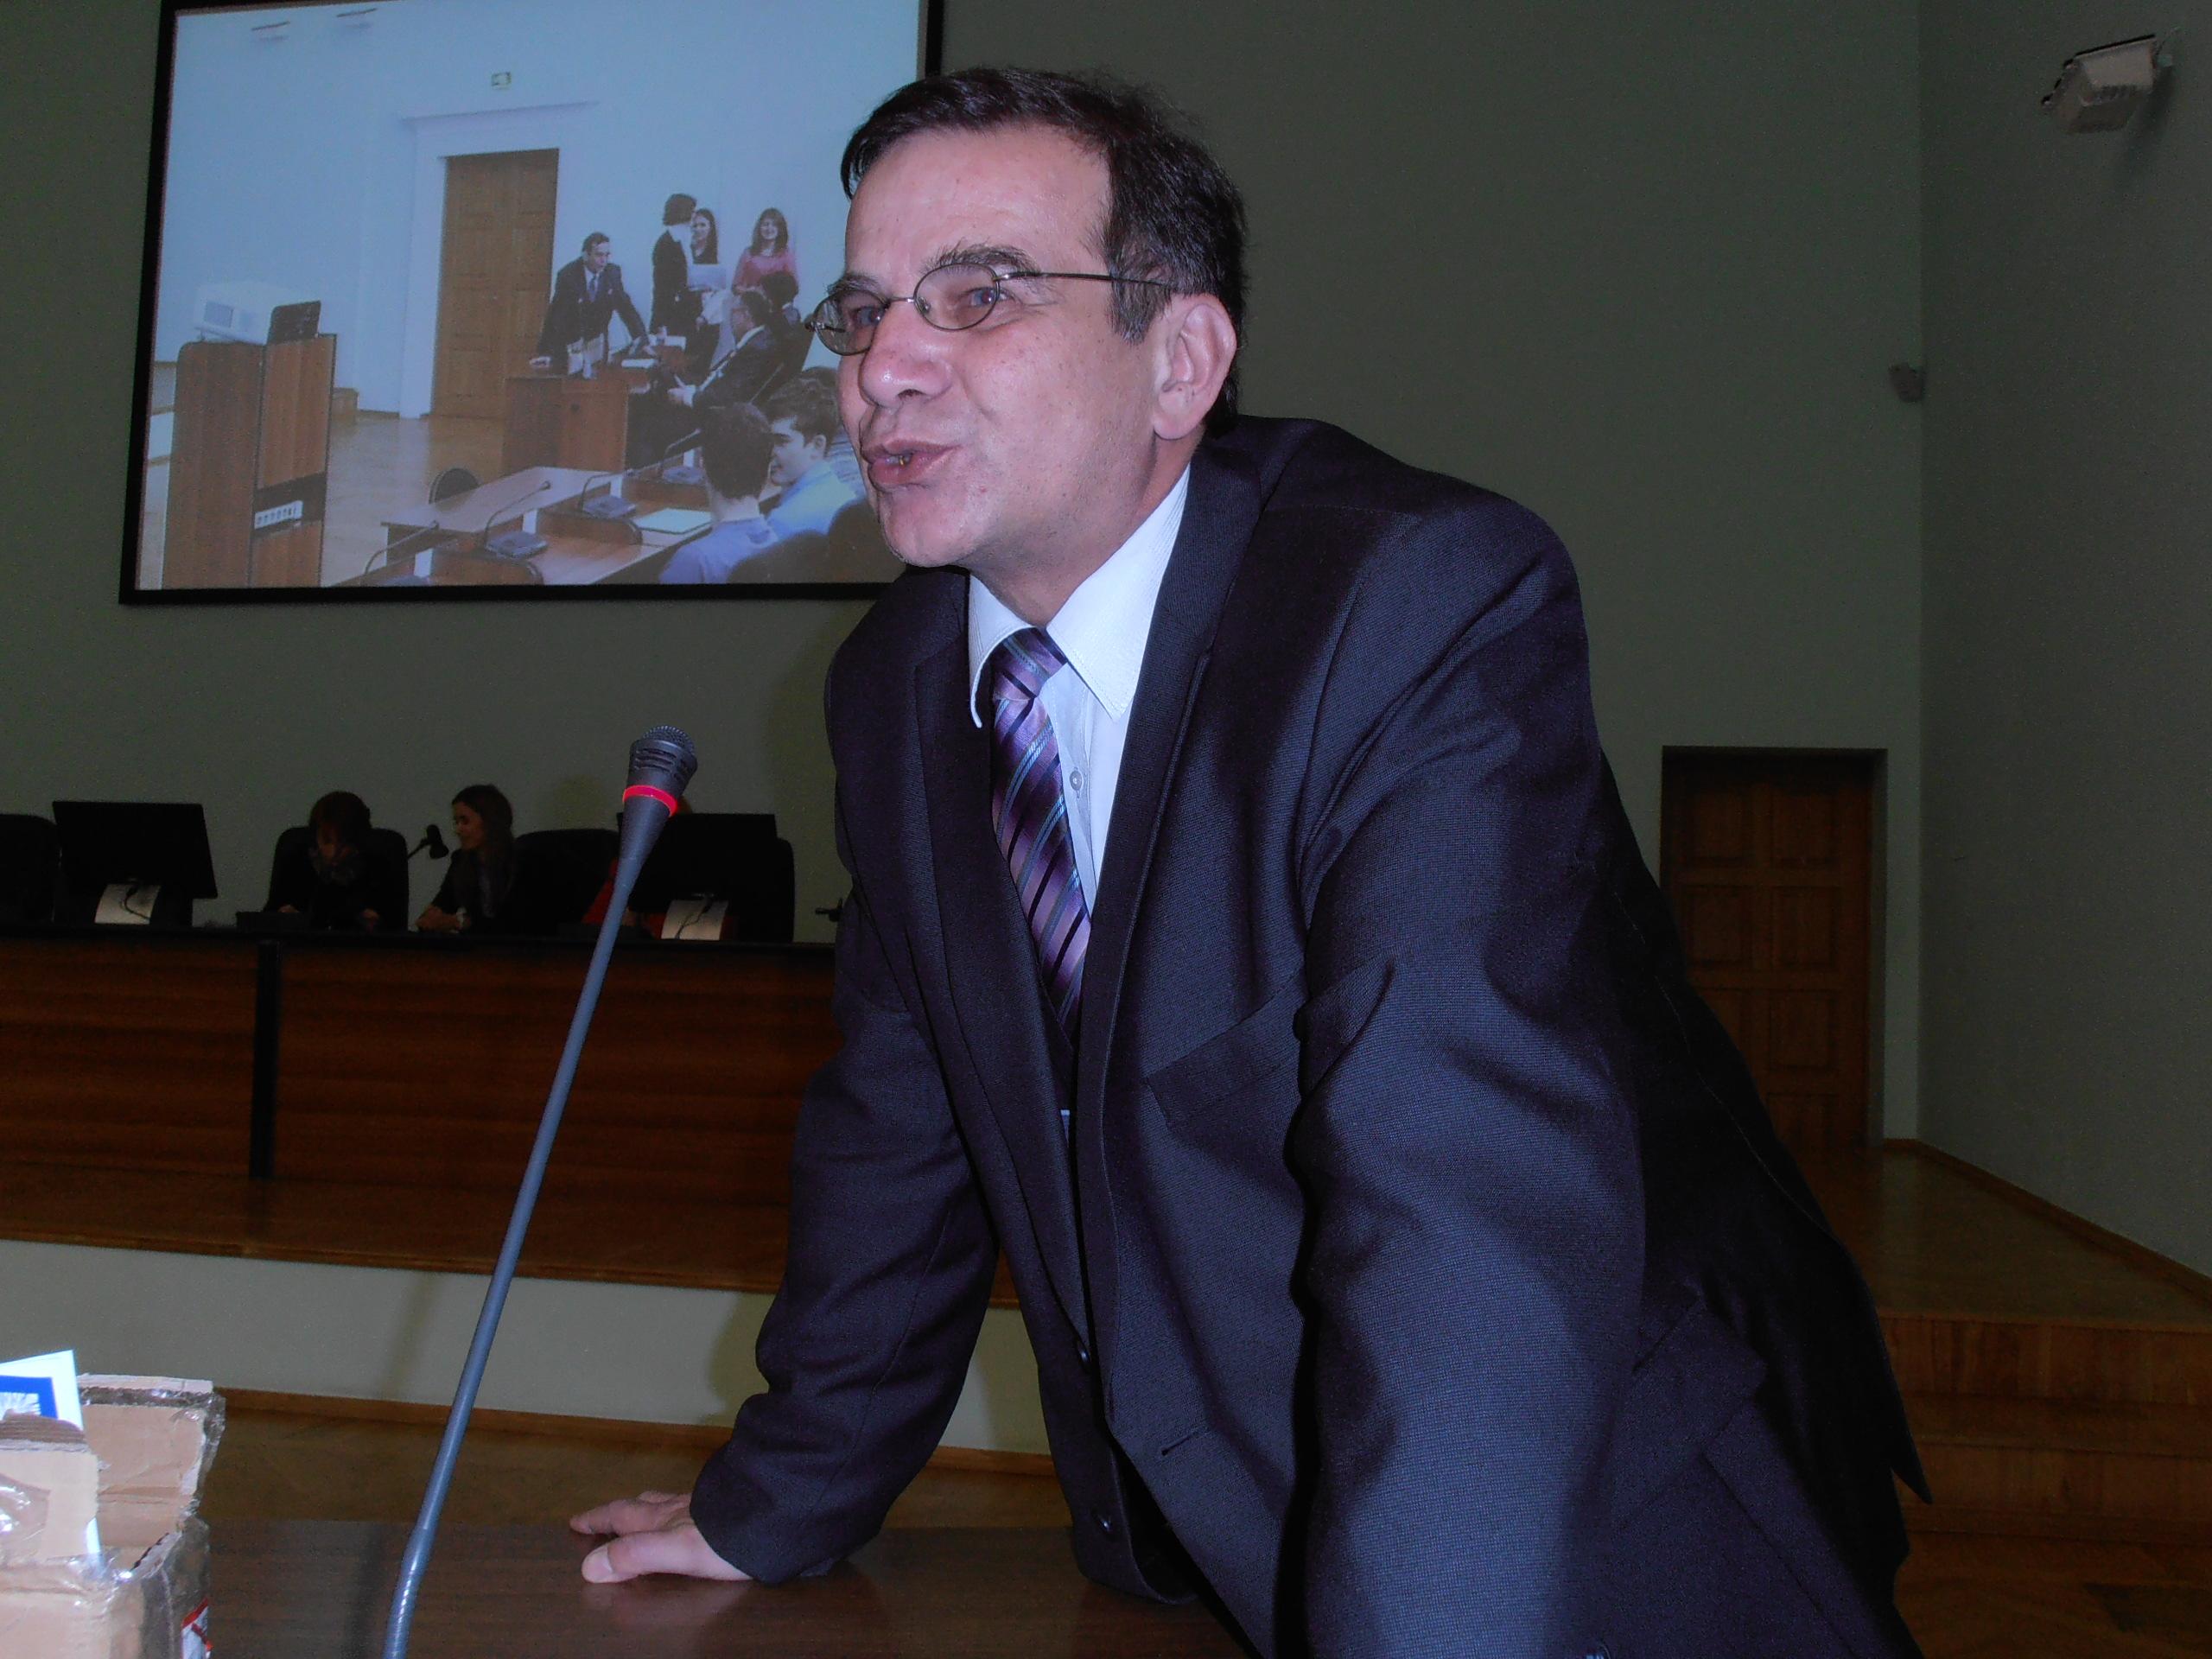 II Межвузовская олимпиада по информатике и информационным технологиям (Кафедра ВТИК ФГБОУ ВПО УГНТУ)